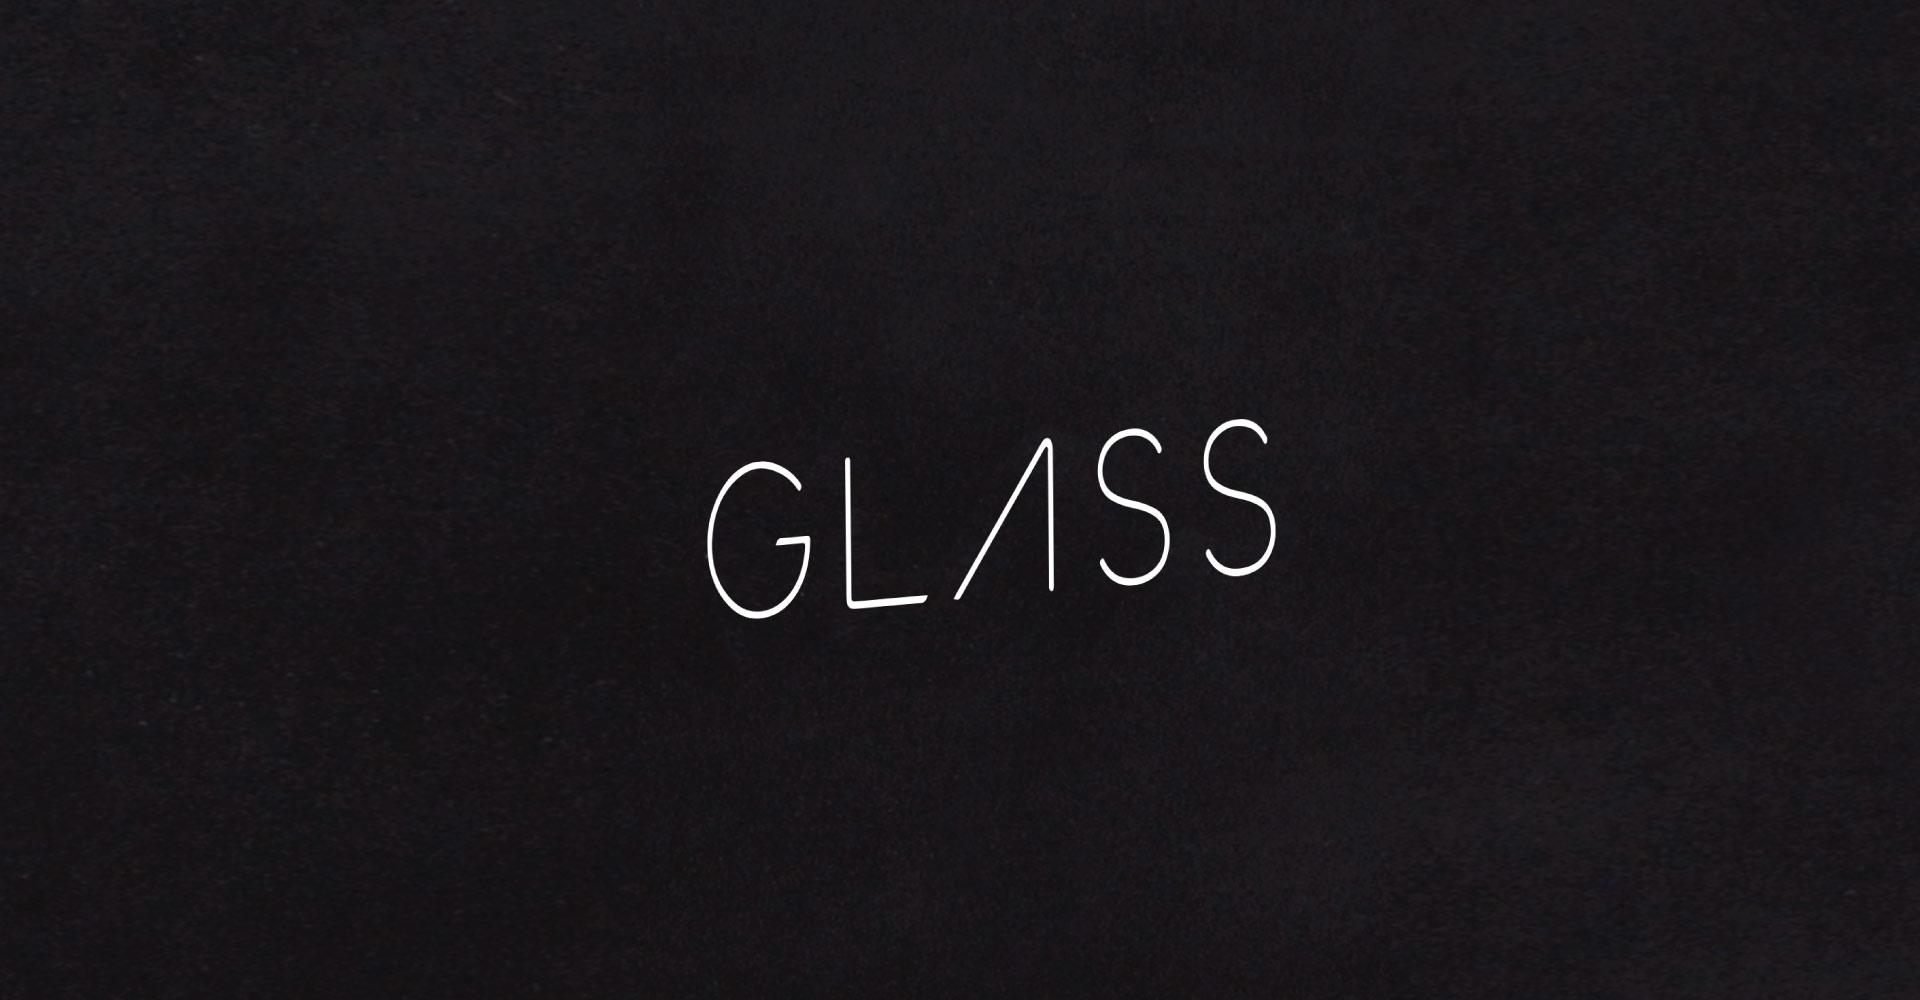 Creative_Retail_Packaging_Custom_Packaging_Google_Glass_05-1.jpg